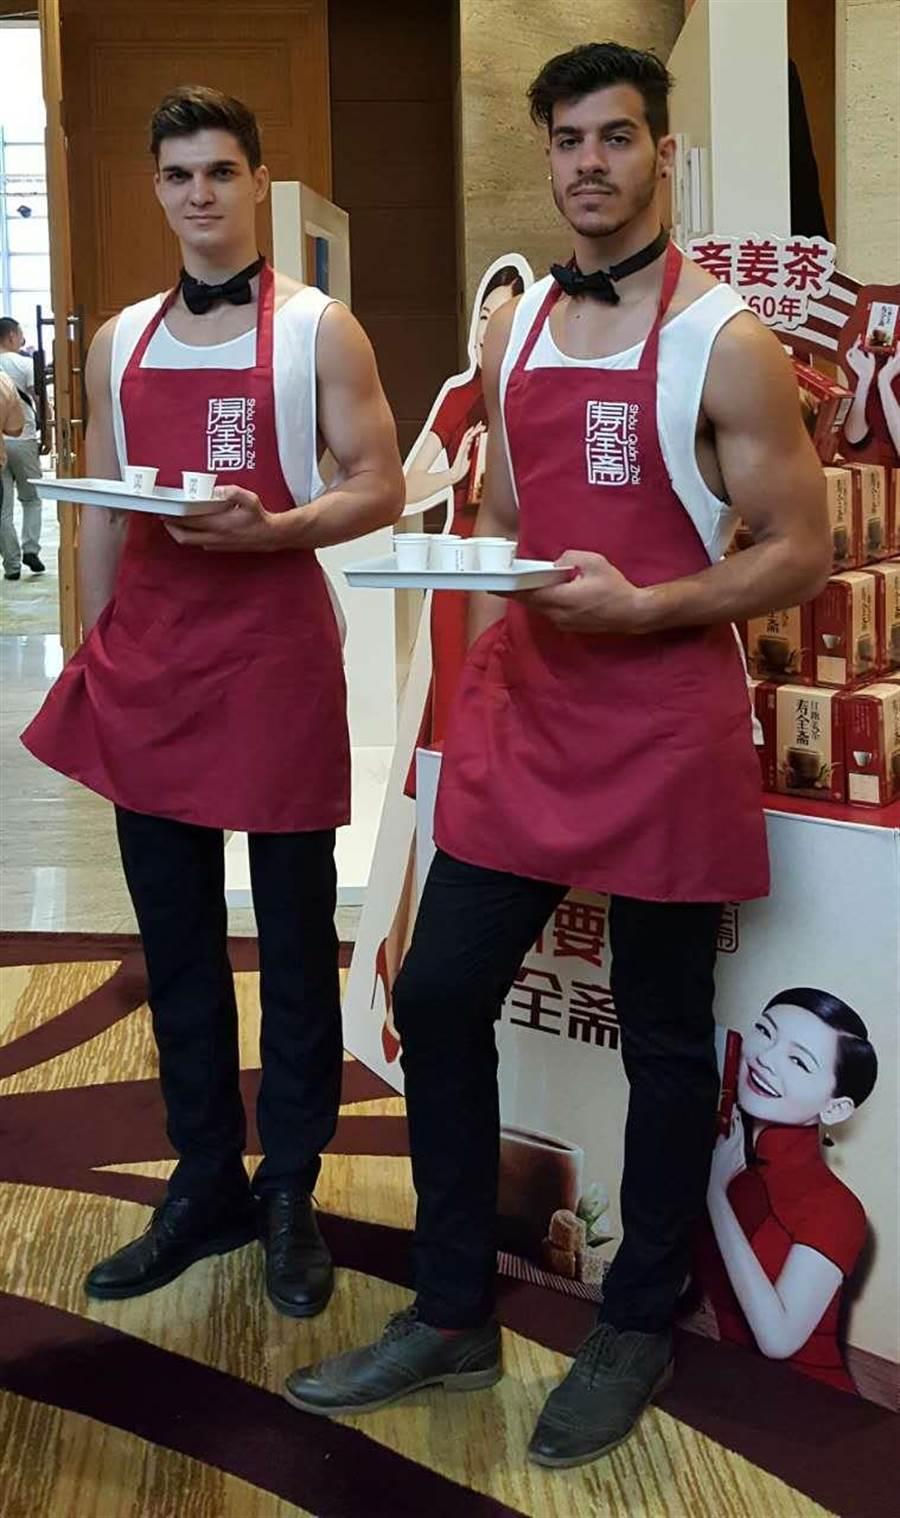 小S新節目的記者會結束後,場外有兩位帥氣的外國小鮮肉幫忙送客。(藍孝威攝)